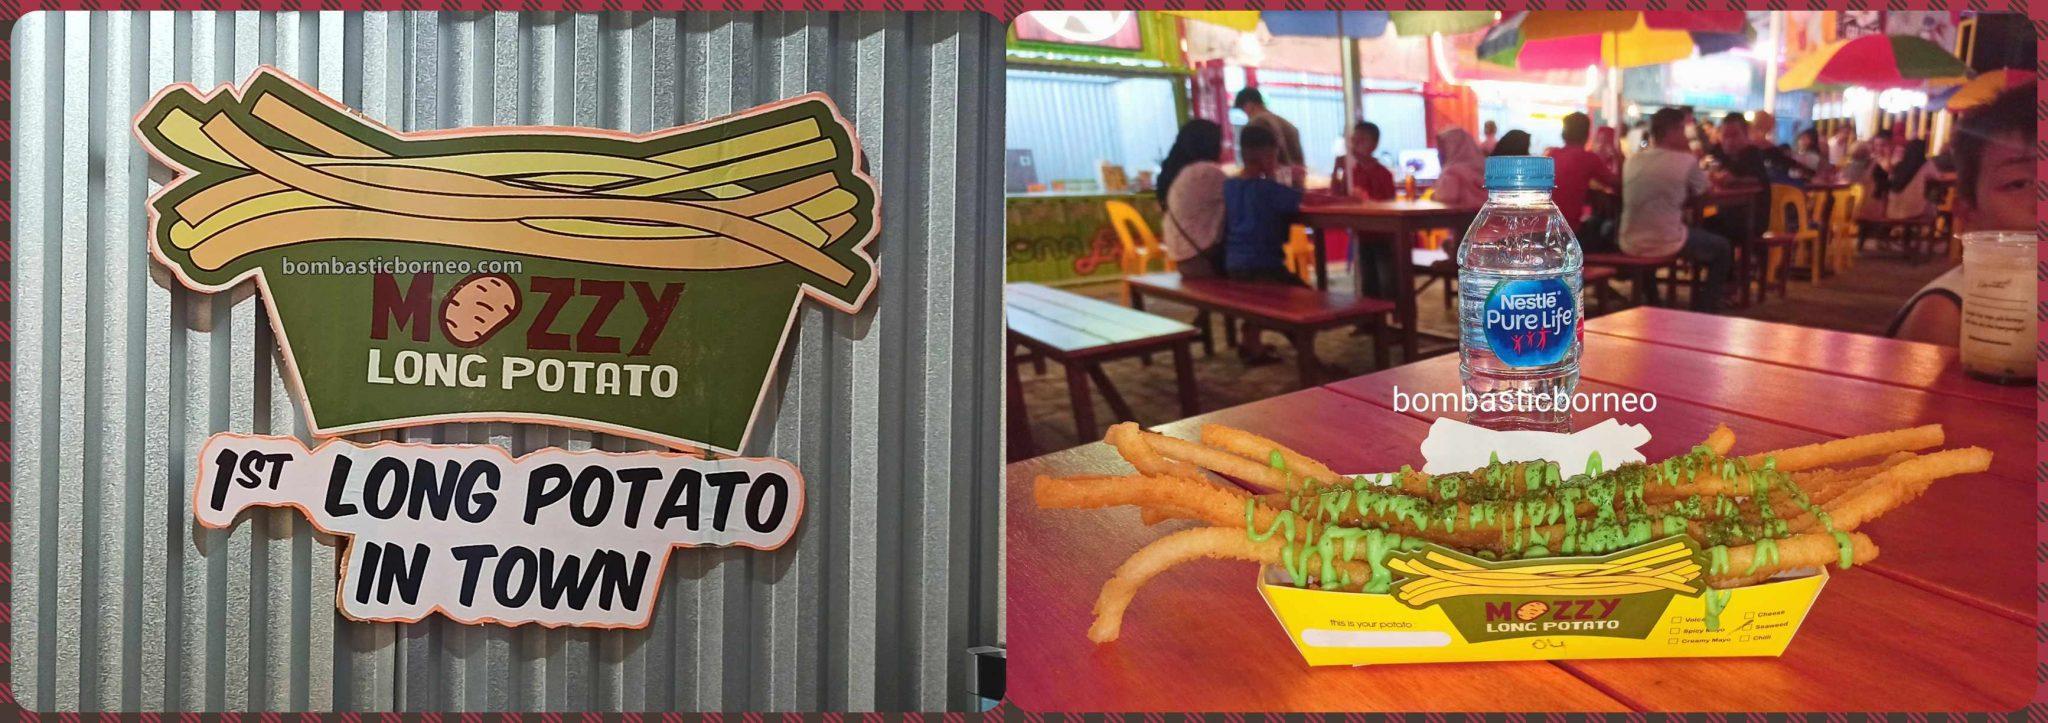 food court, backpackers, destination, exploration, Obyek wisata, tourist attraction, travel guide, Trans Border, Borneo, 印尼北加里曼丹, 打拉根岛旅游景点,